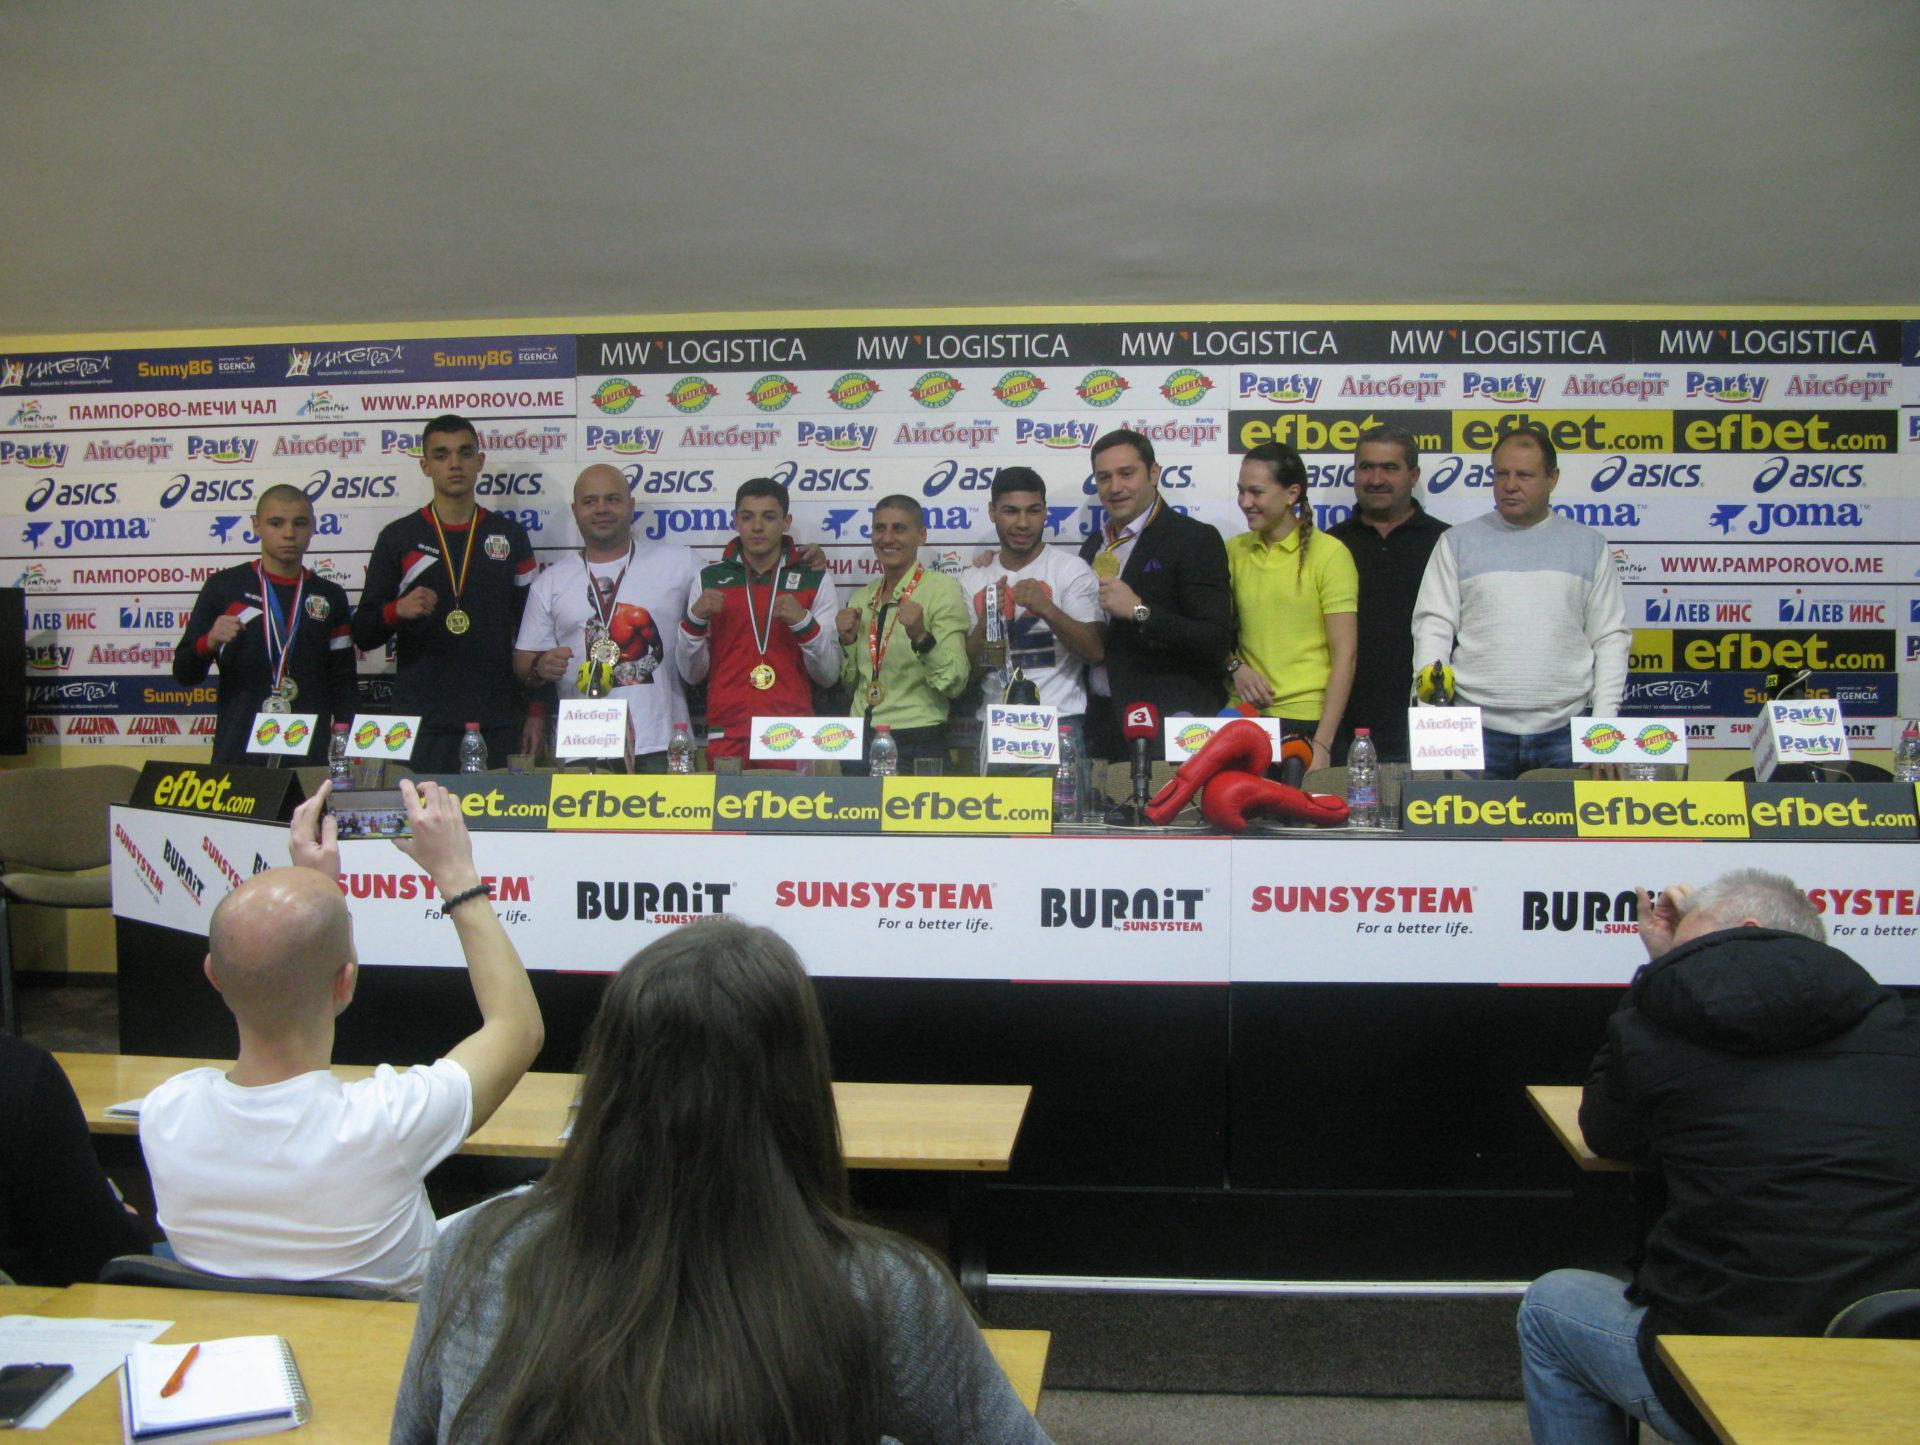 БФ Бокс се похвали с 28 медала от европейски първенства през 2017 г.